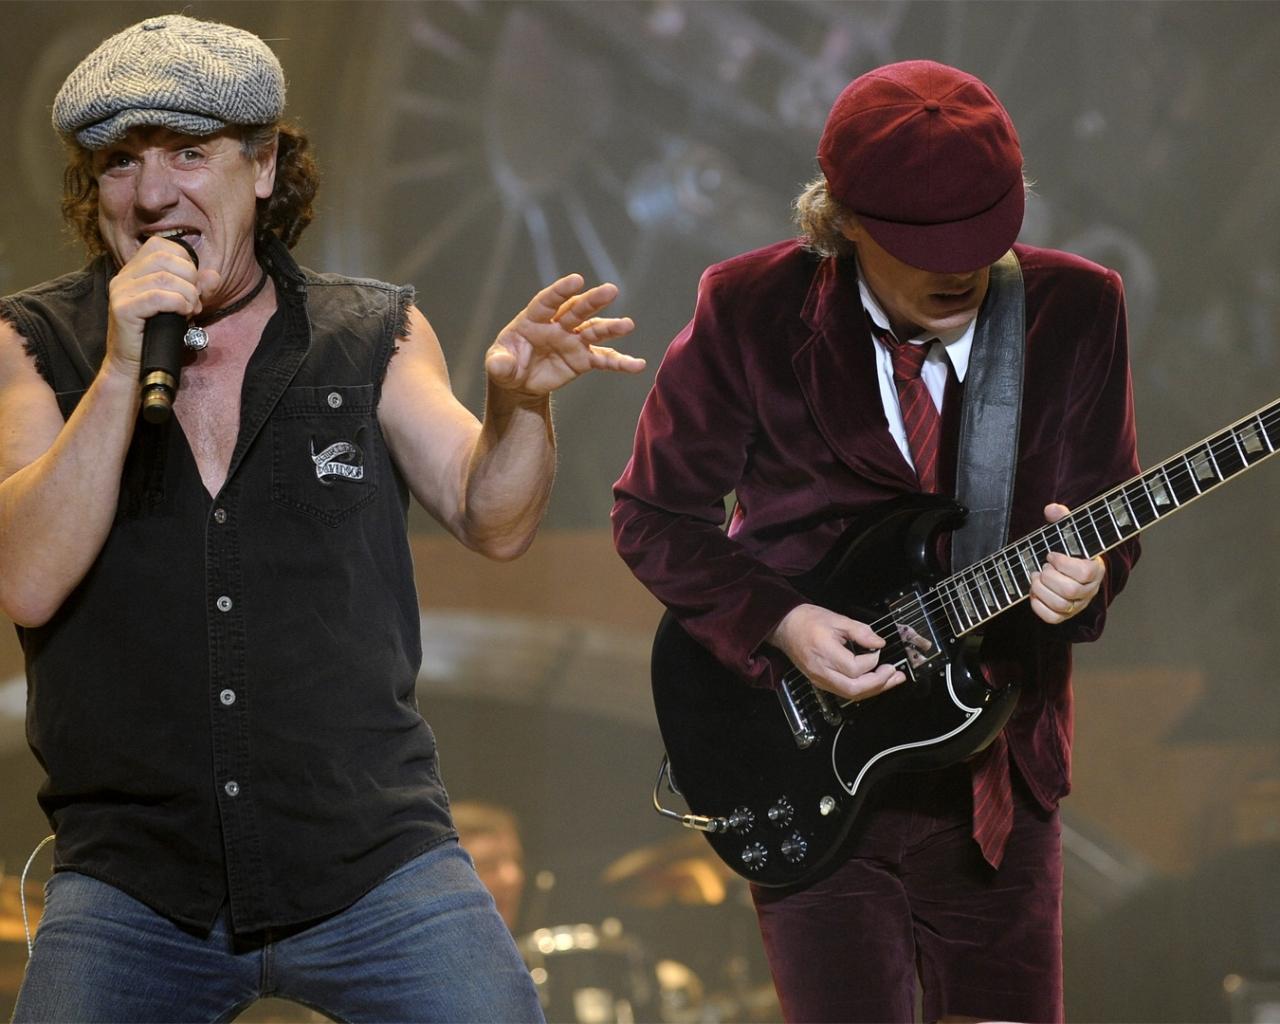 AC / DC en concierto - 1280x1024